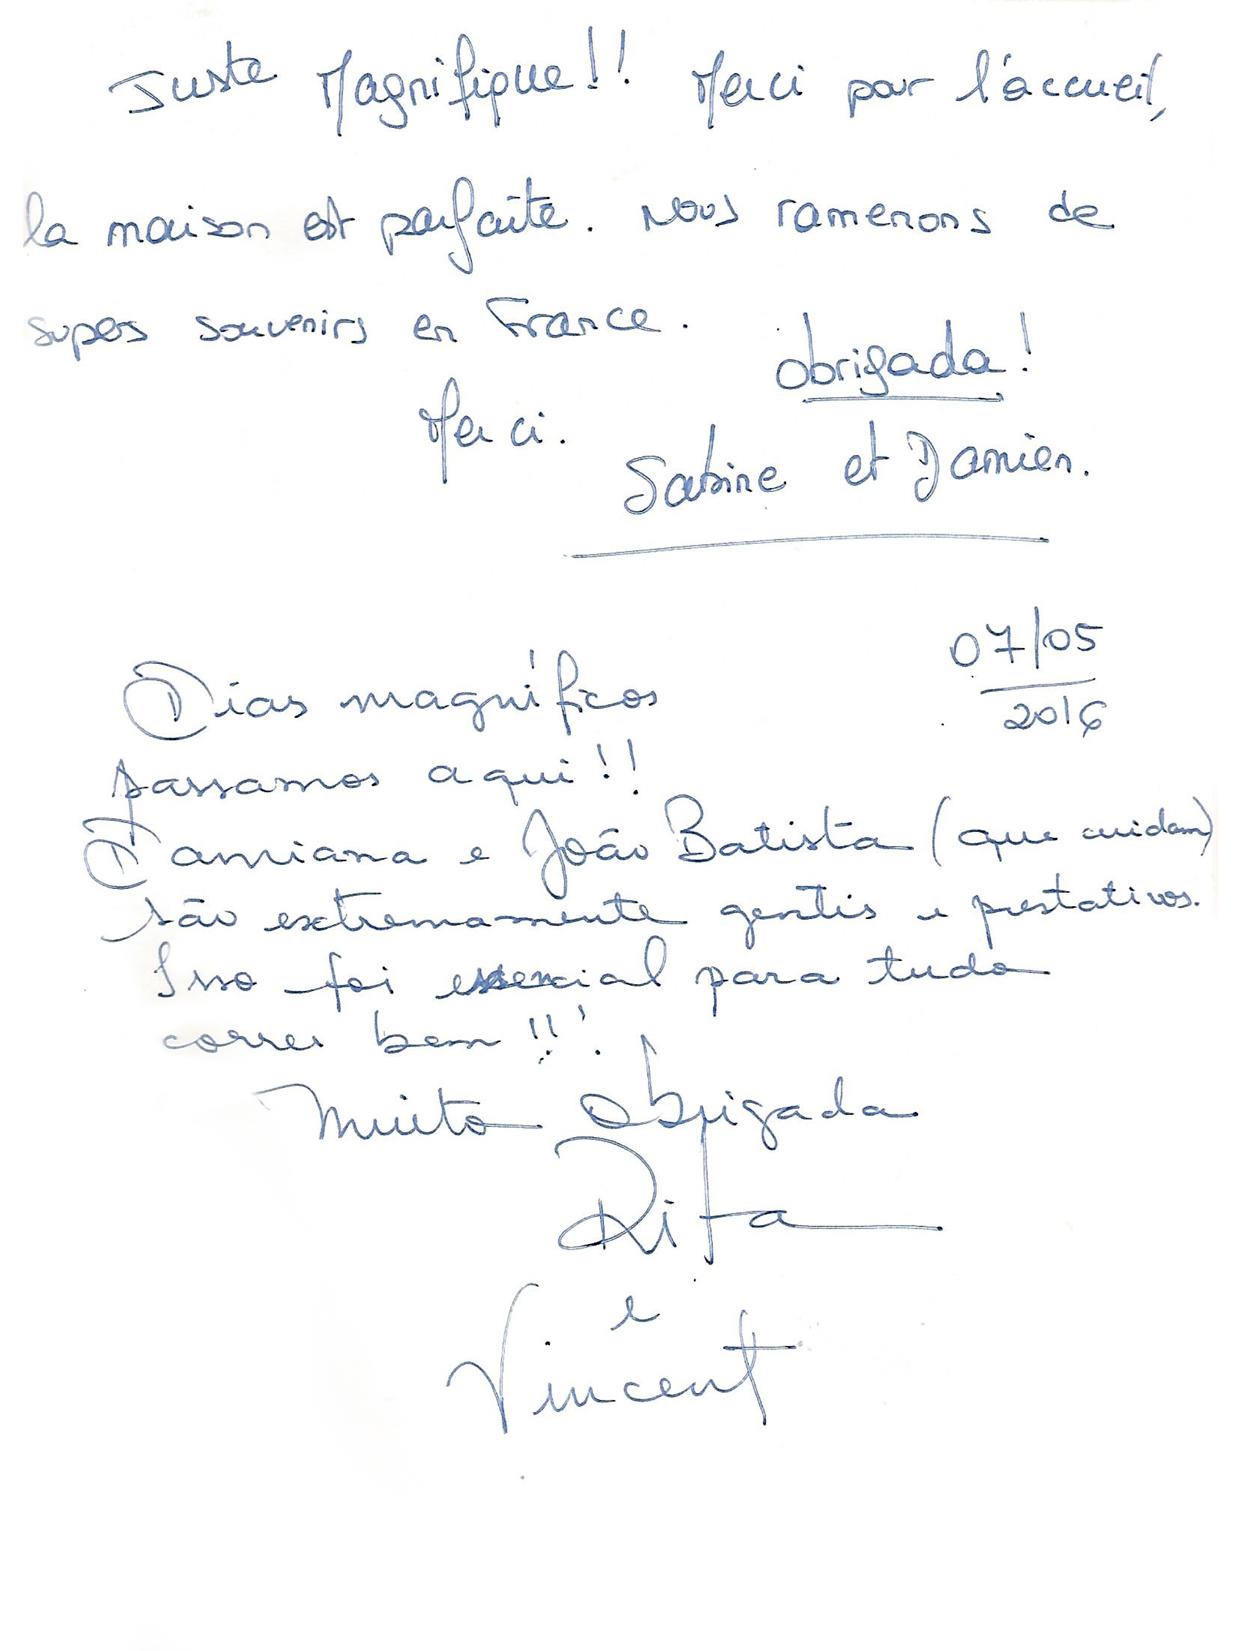 diario-casa-do-canto_13.jpg